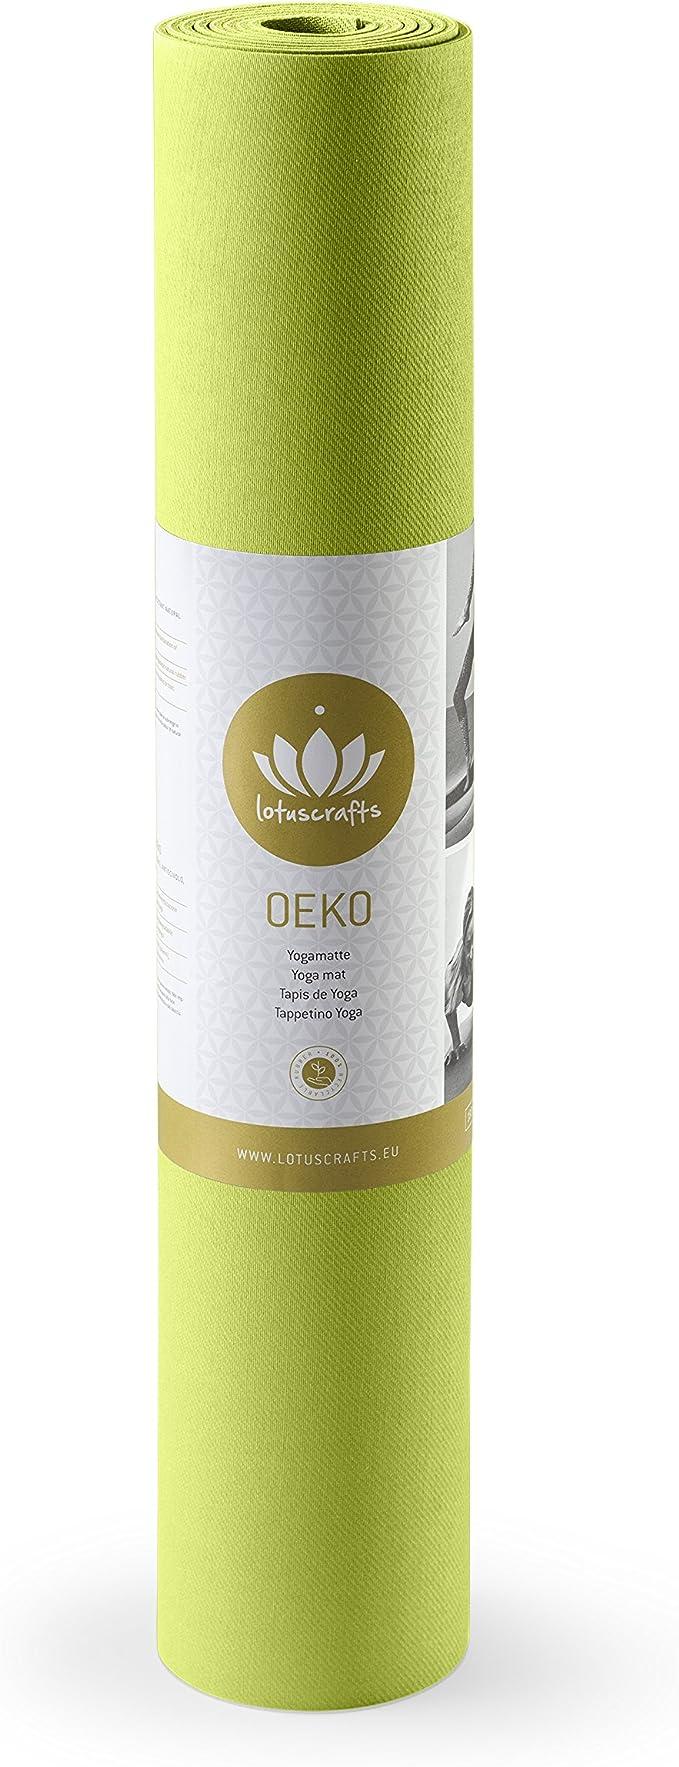 Lotuscrafts Tapis de Yoga Oeko antid/érapant Caoutchouc Naturel Biologique id/éal pour Le Yoga Ashtanga et Vinyasa Flow